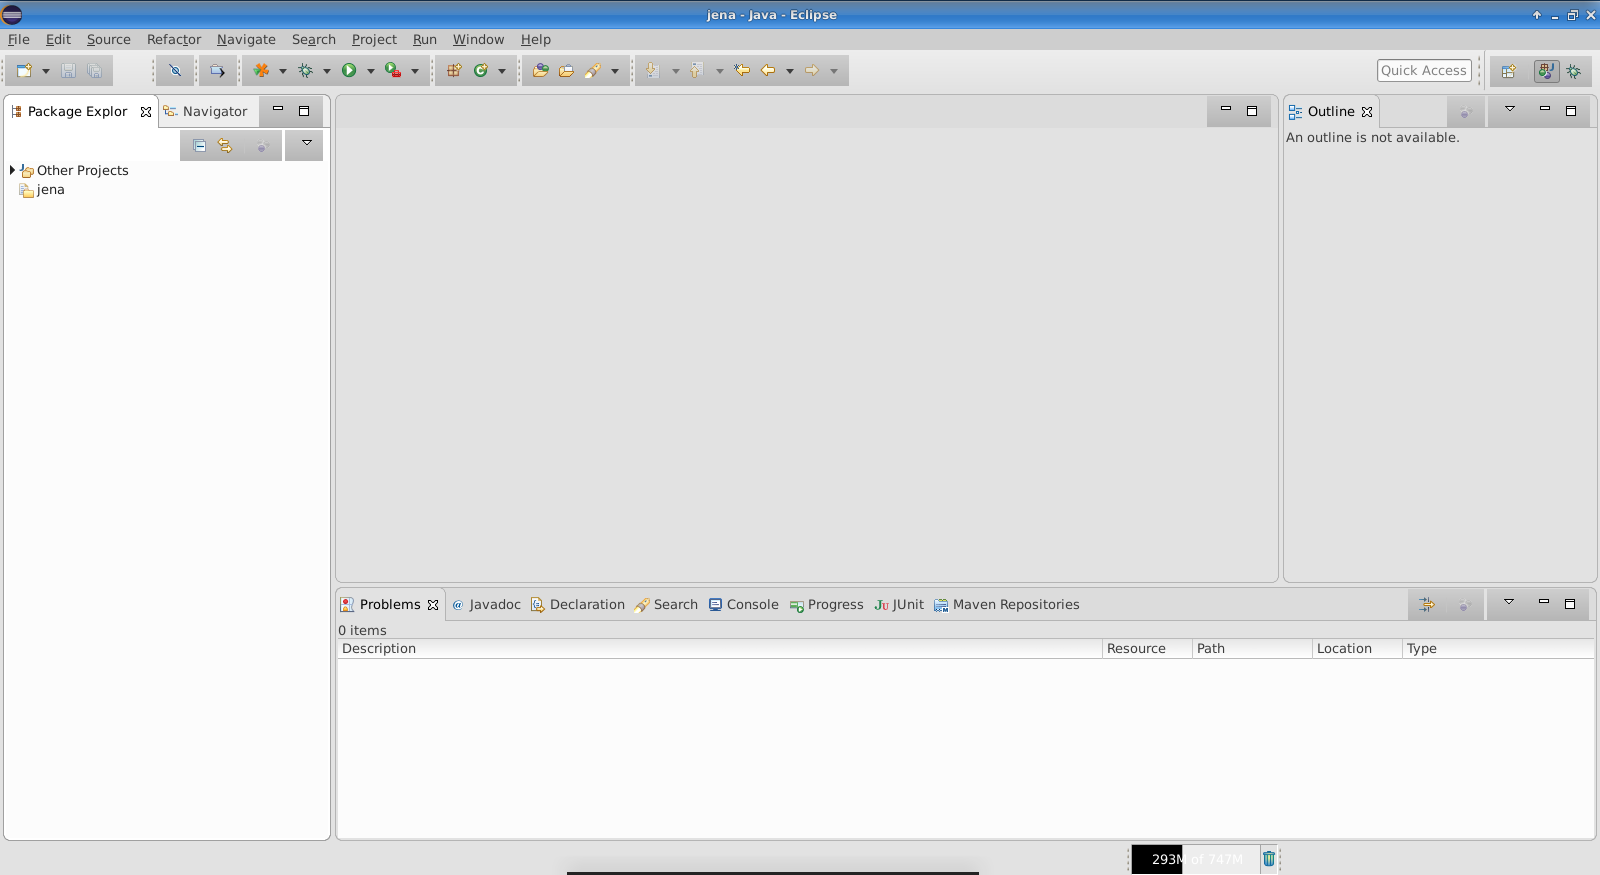 Apache Jena - Using Jena with Eclipse